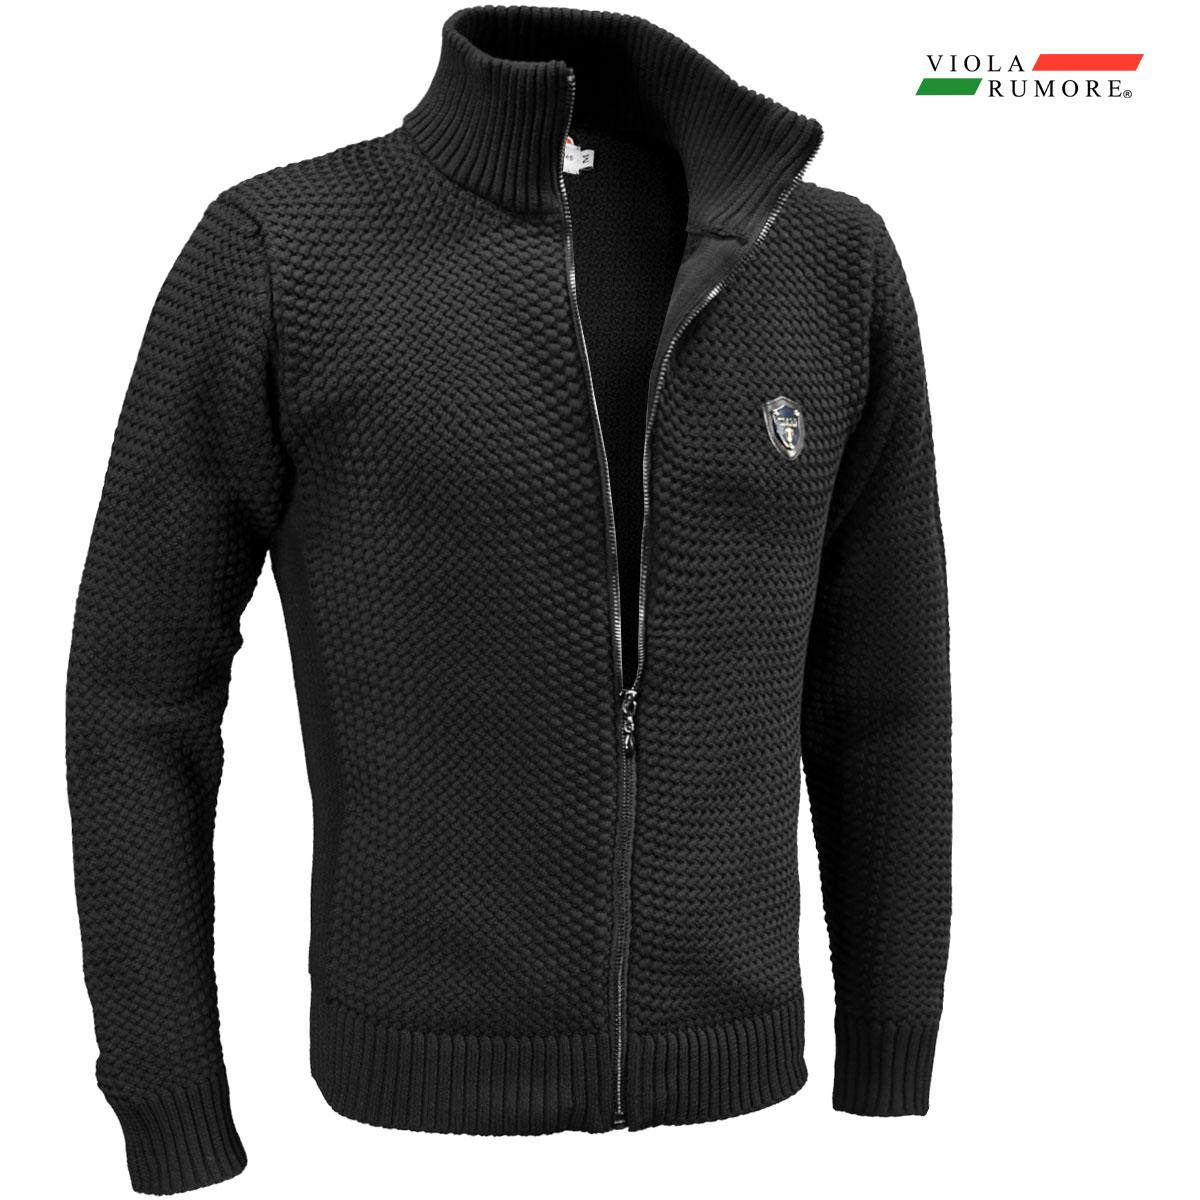 VIOLA rumore ヴィオラ ビオラ ニット フルジップアップ メンズ バスケット編み ニットジャケット 5ゲージ mens(ブラック黒)